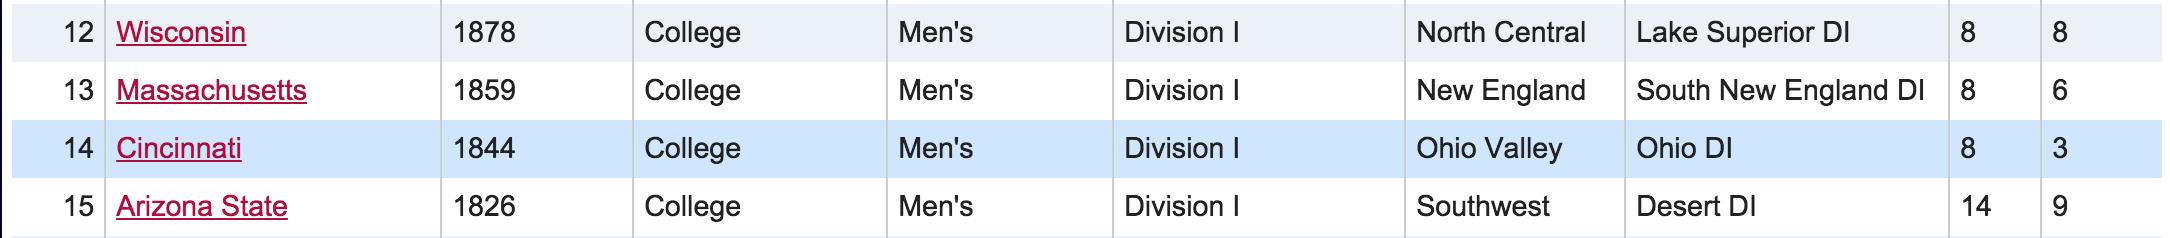 Cincinnati #14 in USAU Rankings